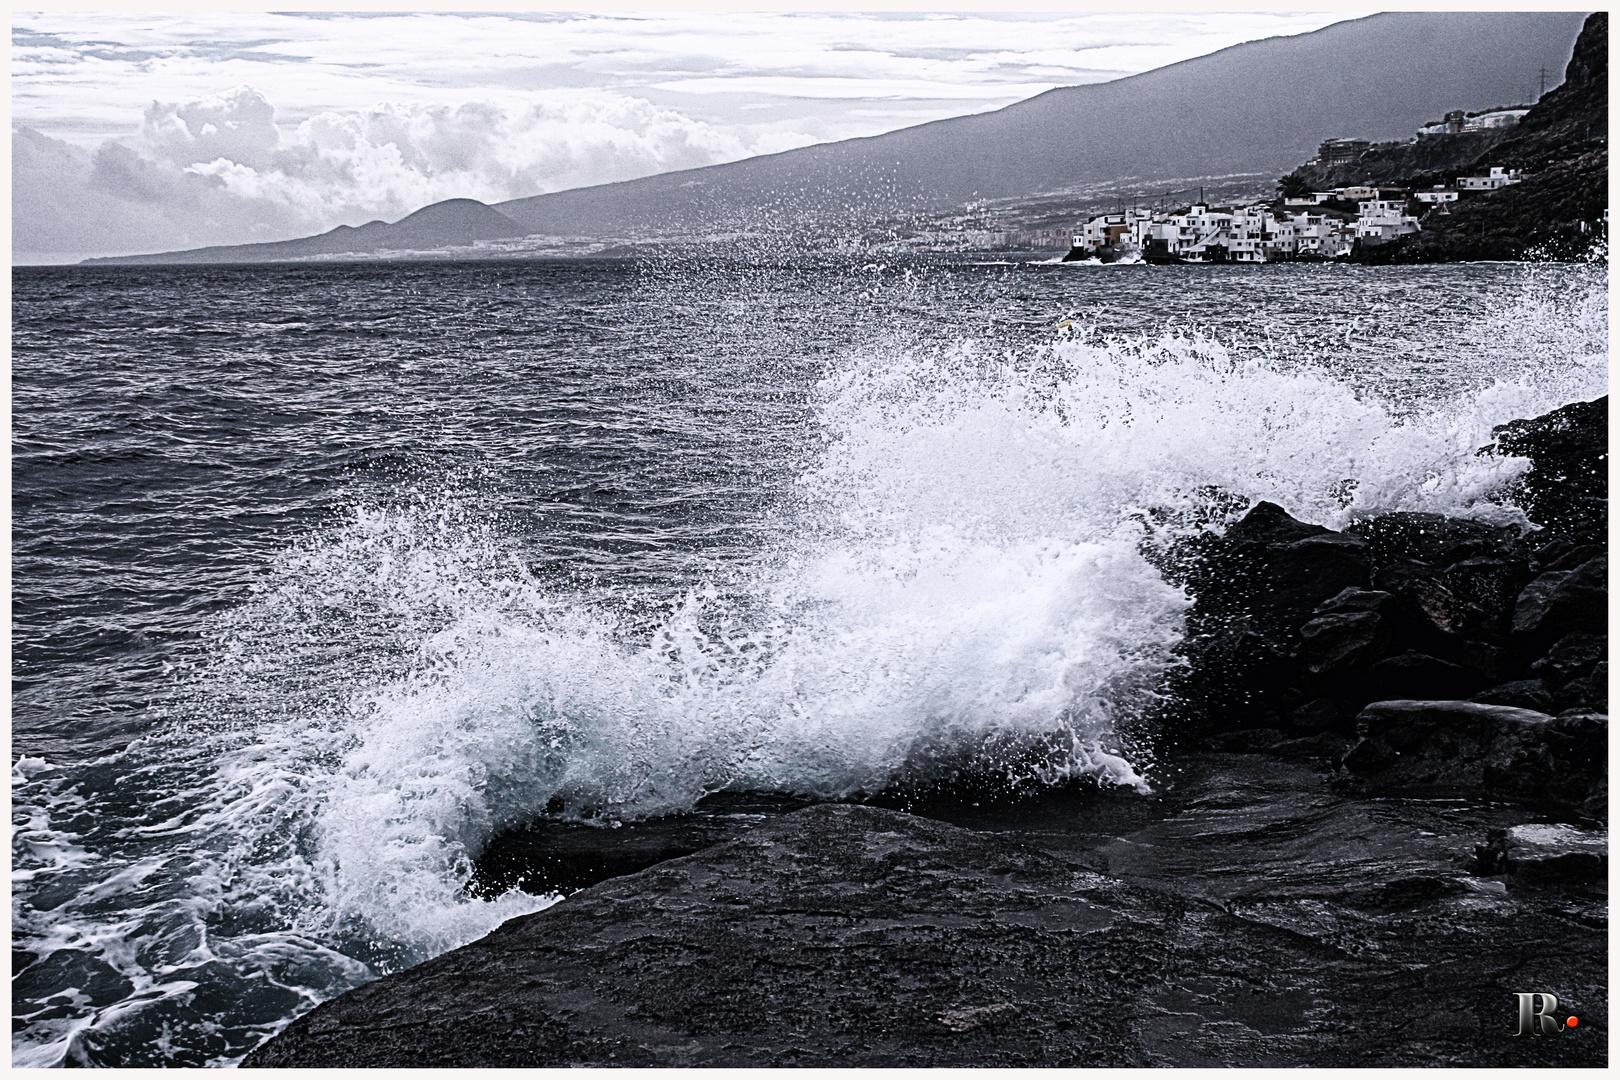 La ola en punto